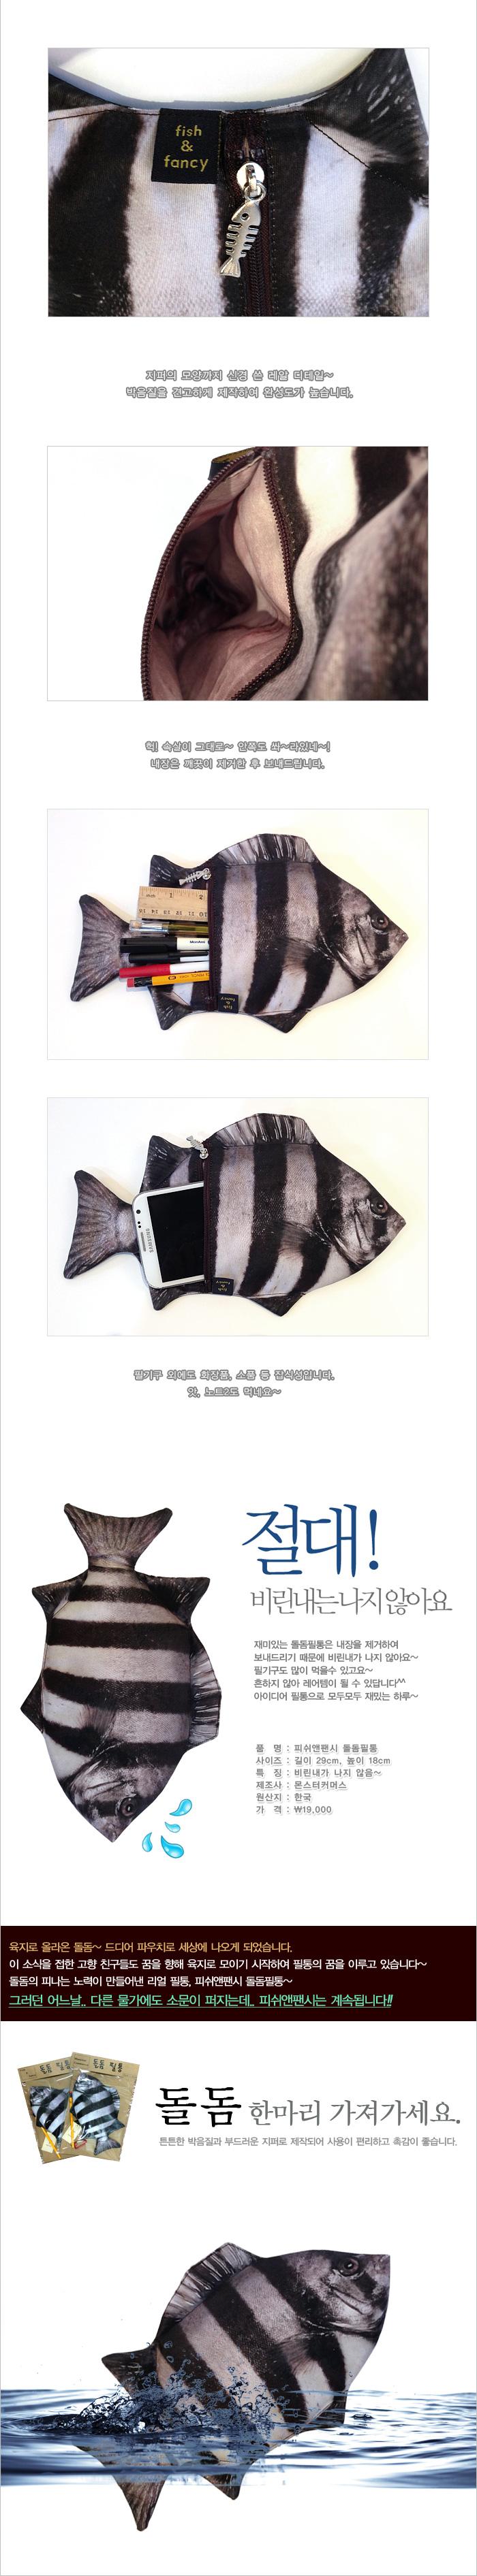 생선필통 돌돔필통 - 피쉬앤팬시, 15,900원, 패브릭필통, 심플